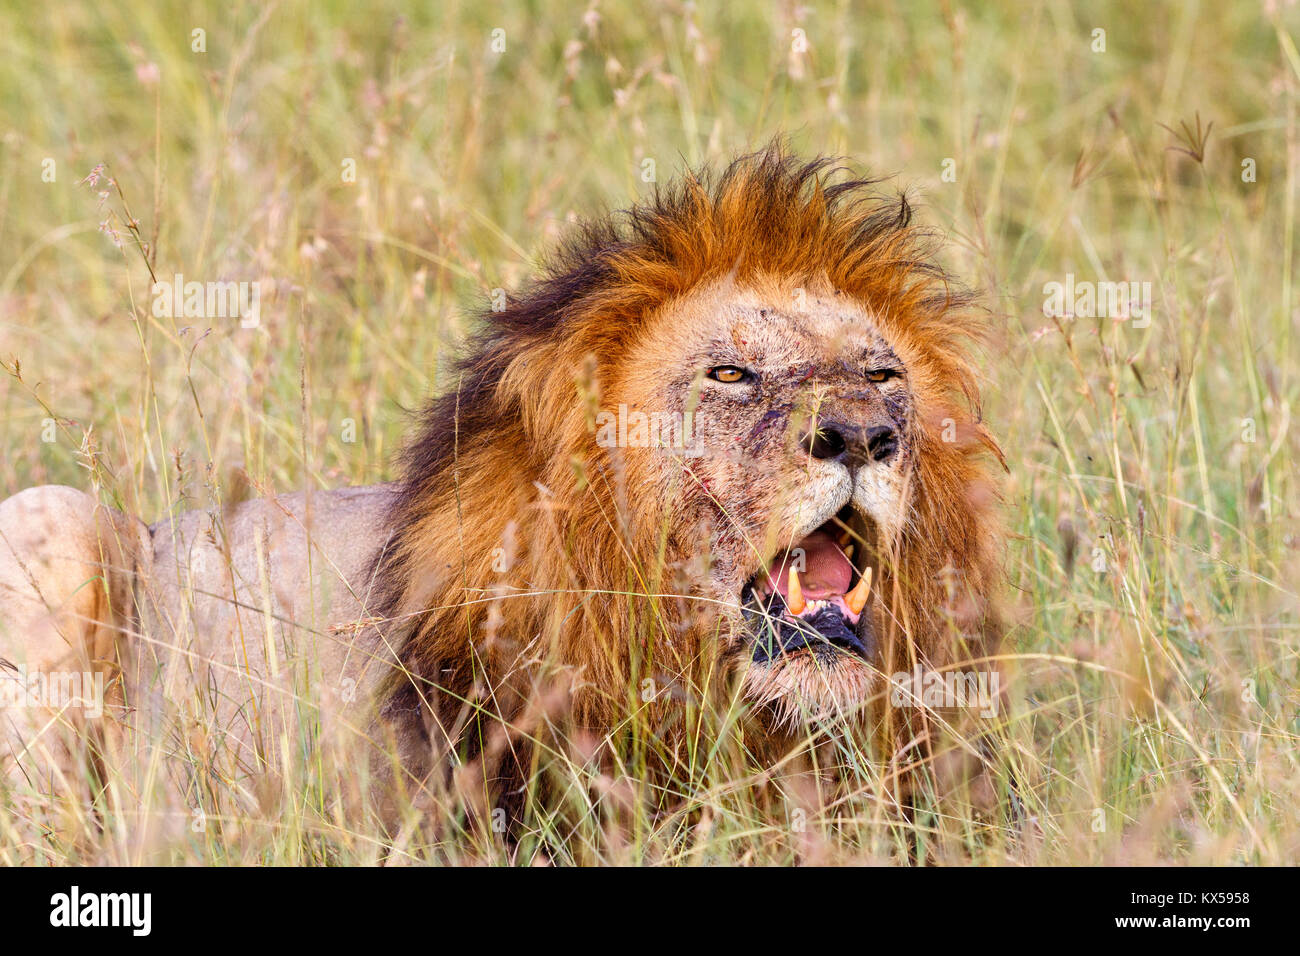 Lion Roar Mane Stock Photos & Lion Roar Mane Stock Images ... - photo#16